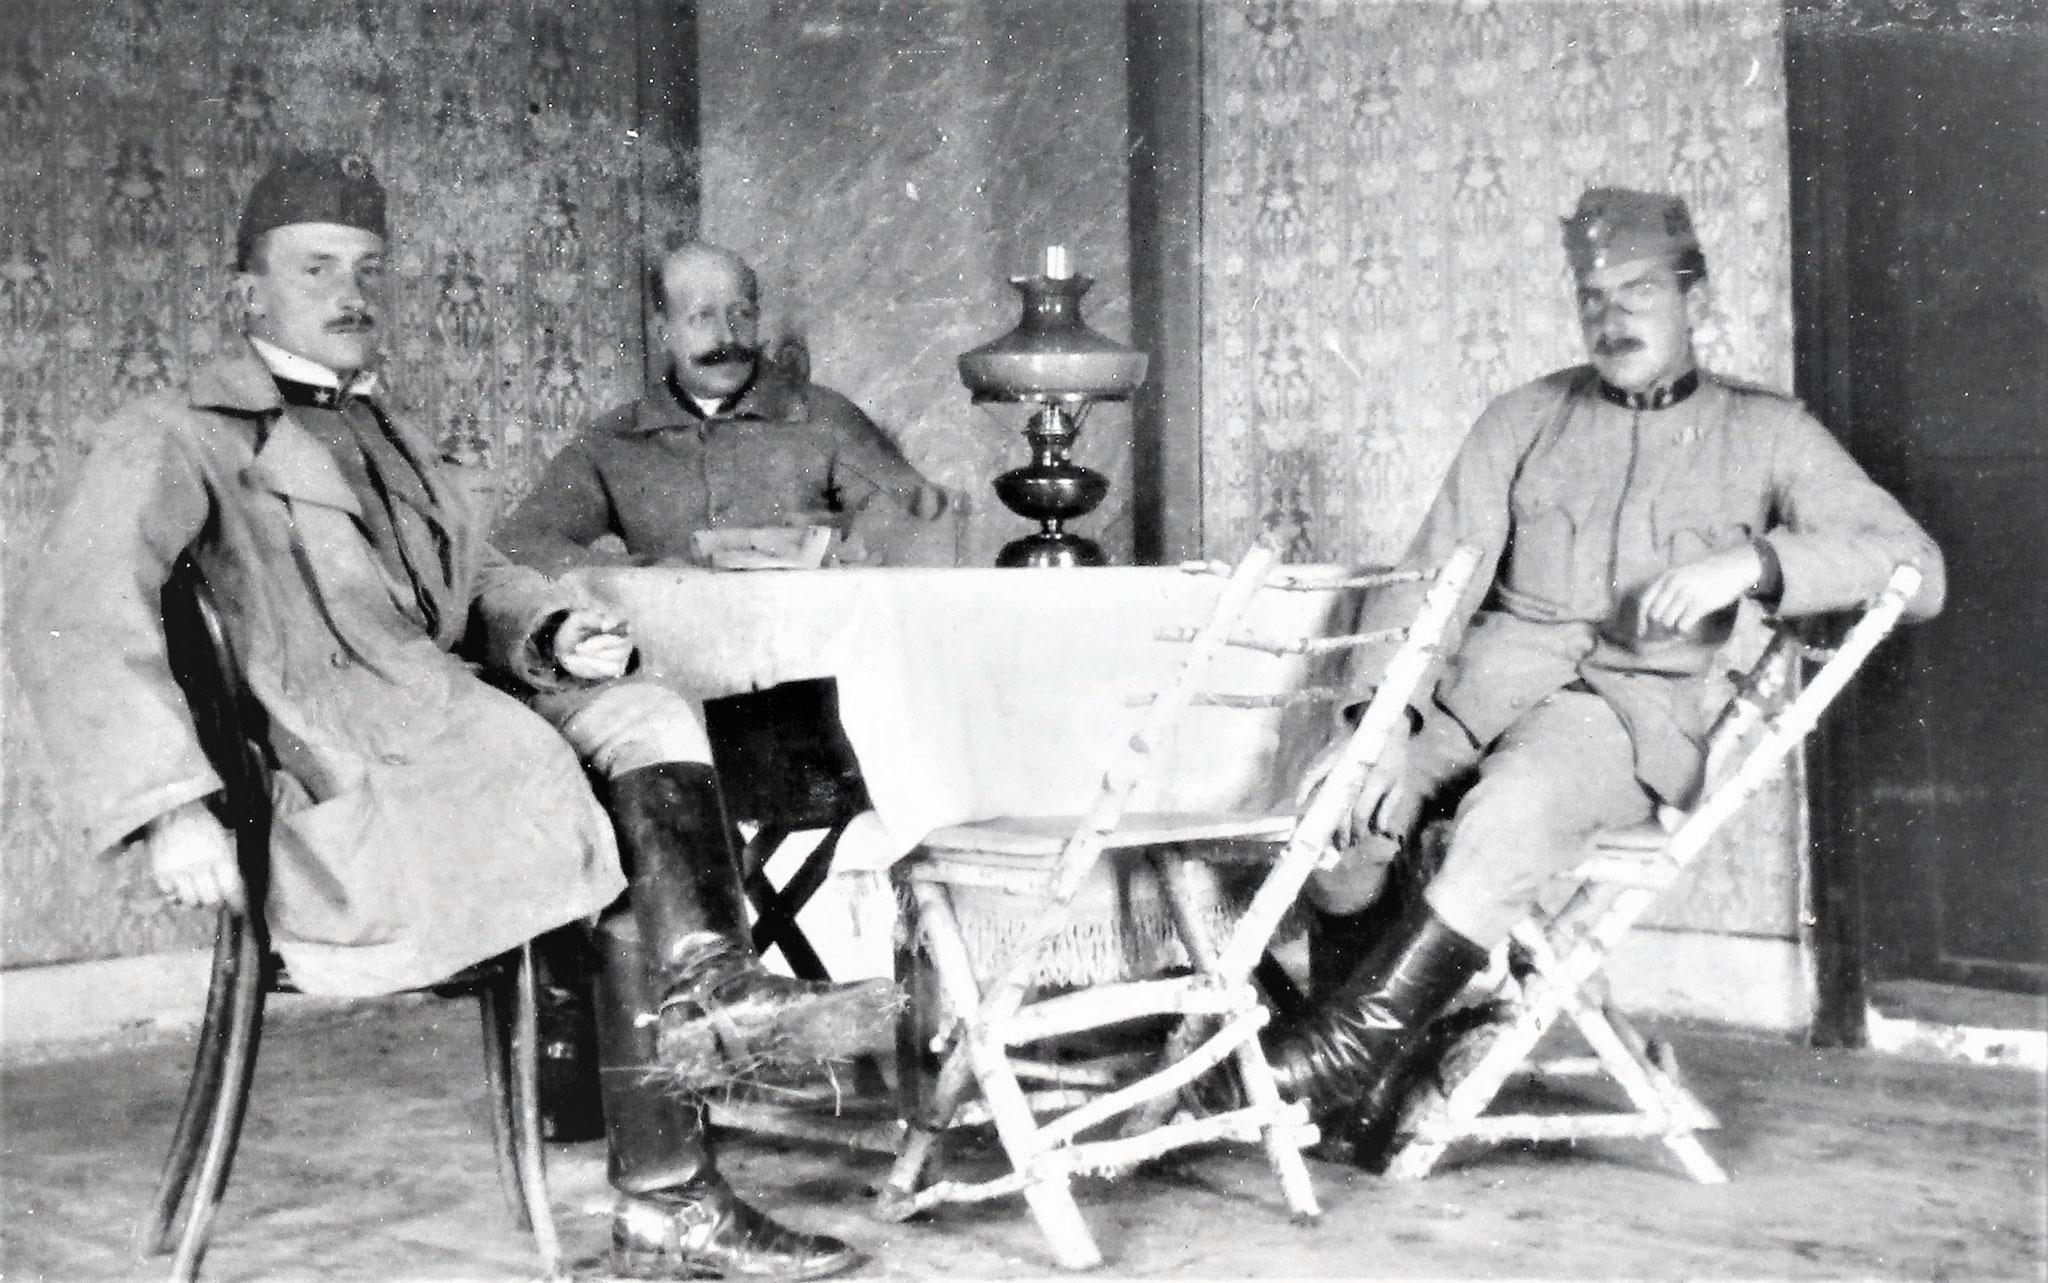 Speisezimmer; Zenone, Kriegsfreiw. Alfred Ritt. Pfersmann v. Eichthal (früher Rtm bei HR 15, gefallen 1916), Sulkowski.